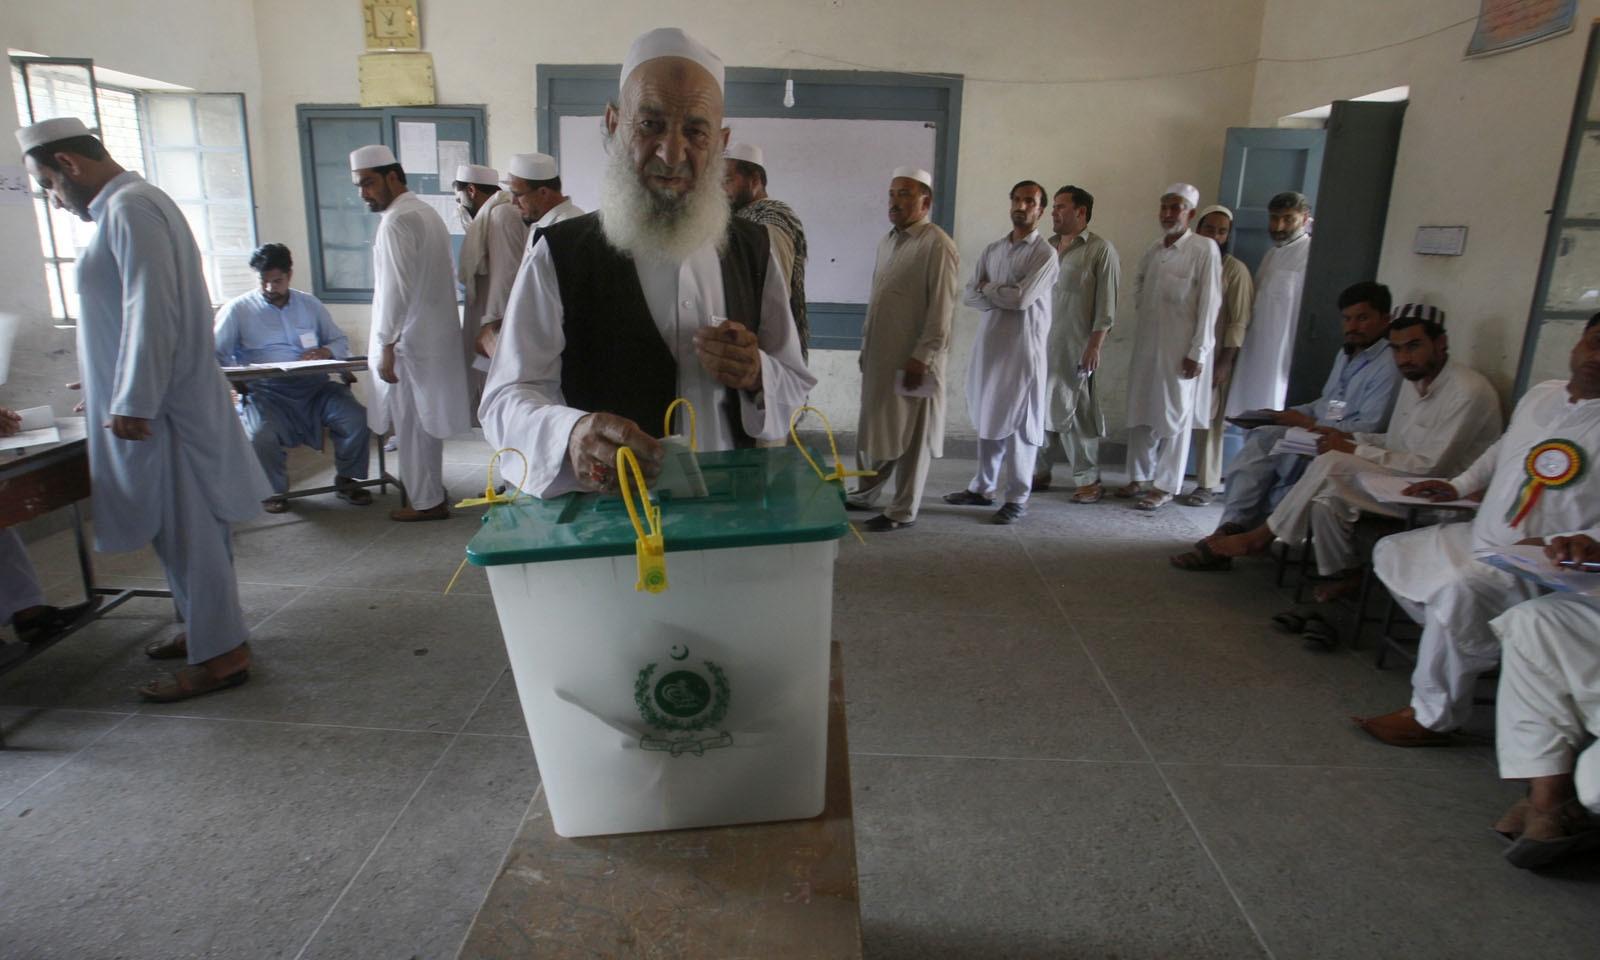 16 عام نشستوں پر مجموعی طور پر 2 سو 85 امیدواروں نے انتخابی عمل میں حصہ لیا—فوٹو: اے پی